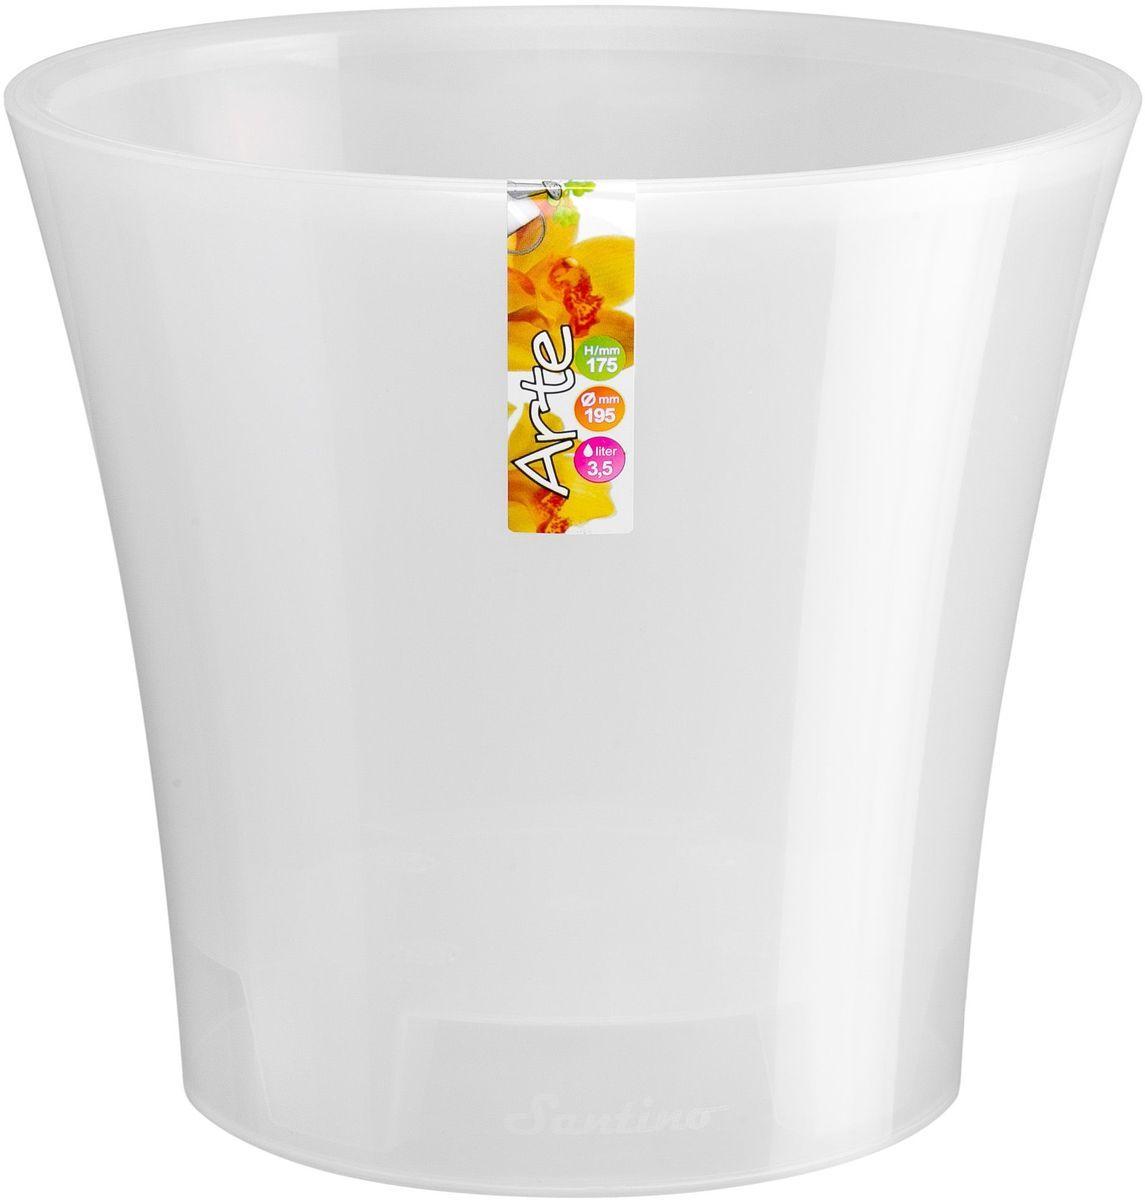 Горшок цветочный Santino Арте, двойной, с системой автополива, цвет: прозрачный, 2 л531-301Горшок цветочный Santino Арте снабжен дренажной системой и состоят из кашпо и вазона-вкладыша. Изготовлен из пластика.Особенность: тарелочка или блюдце не нужны.Горшок предназначен для любых растений или цветов. Цветочный дренаж – это система, которая позволяет выводить лишнюю влагу через корневую систему цветка и слой почвы. Растение – это живой организм, следовательно, ему необходимо дышать. В доступе к кислороду нуждаются все части растения: -листья; -корневая система.Если цветовод по какой-либо причине зальет цветок водой, то она буквально вытеснит из почвенного слоя все пузырьки кислорода. Анаэробная среда способствует развитию различного рода бактерий. Безвоздушная среда приводит к загниванию корневой системы, цветок в результате увядает.Суть работы дренажной системы заключается в том, чтобы осуществлять отвод лишней влаги от растения и давать возможность корневой системе дышать без проблем. Следовательно, каждому цветку необходимо:-иметь в основании цветочного горшочка хотя бы одно небольшое дренажное отверстие. Оно необходимо для того, чтобы через него выходила лишняя вода, плюс ко всему это отверстие дает возможность циркулировать воздух.-на самом дне горшка необходимо выложить слоем в 2-5 см (зависит от вида растения) дренаж.